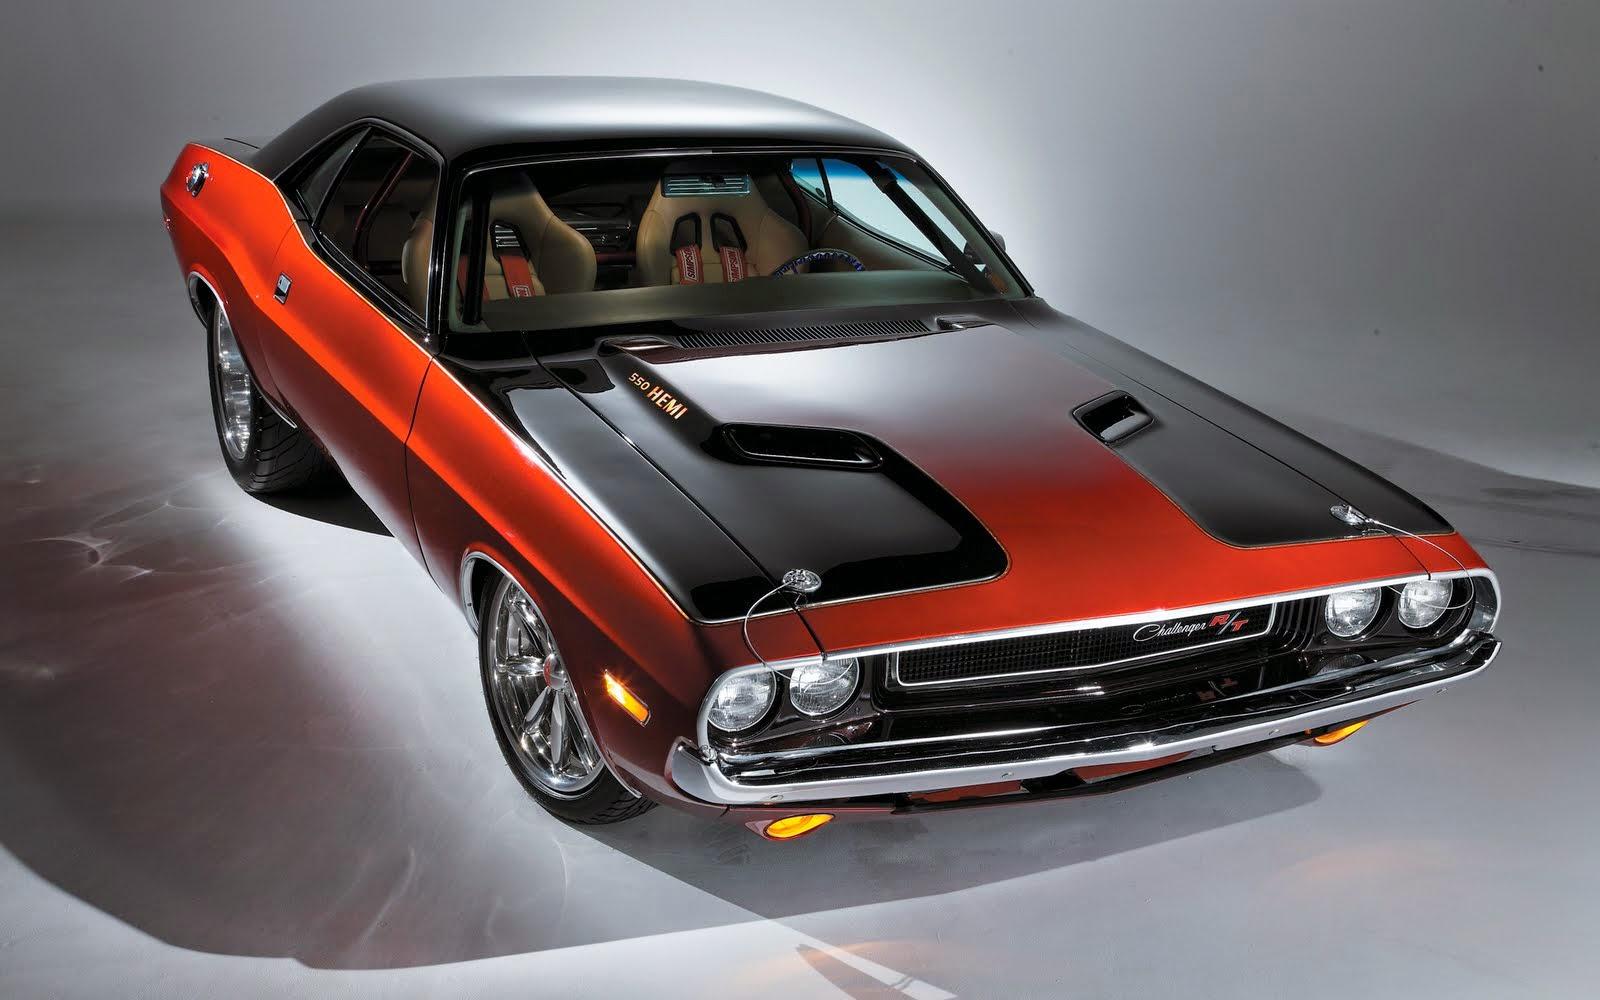 A Dodge Challenger szintén nagy sztár